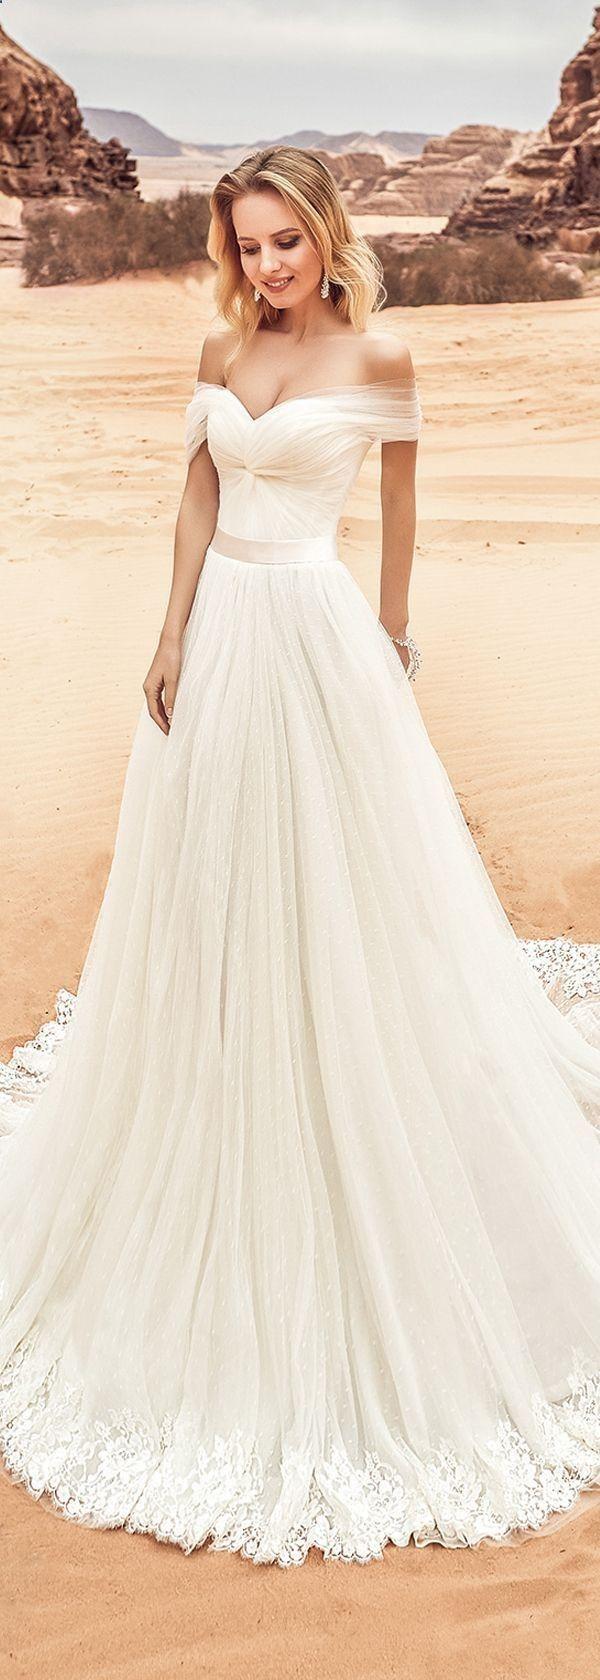 28 Elegante schulterfreie Brautkleider – #elegantwedding   – Wedding Dresses & Inspiration